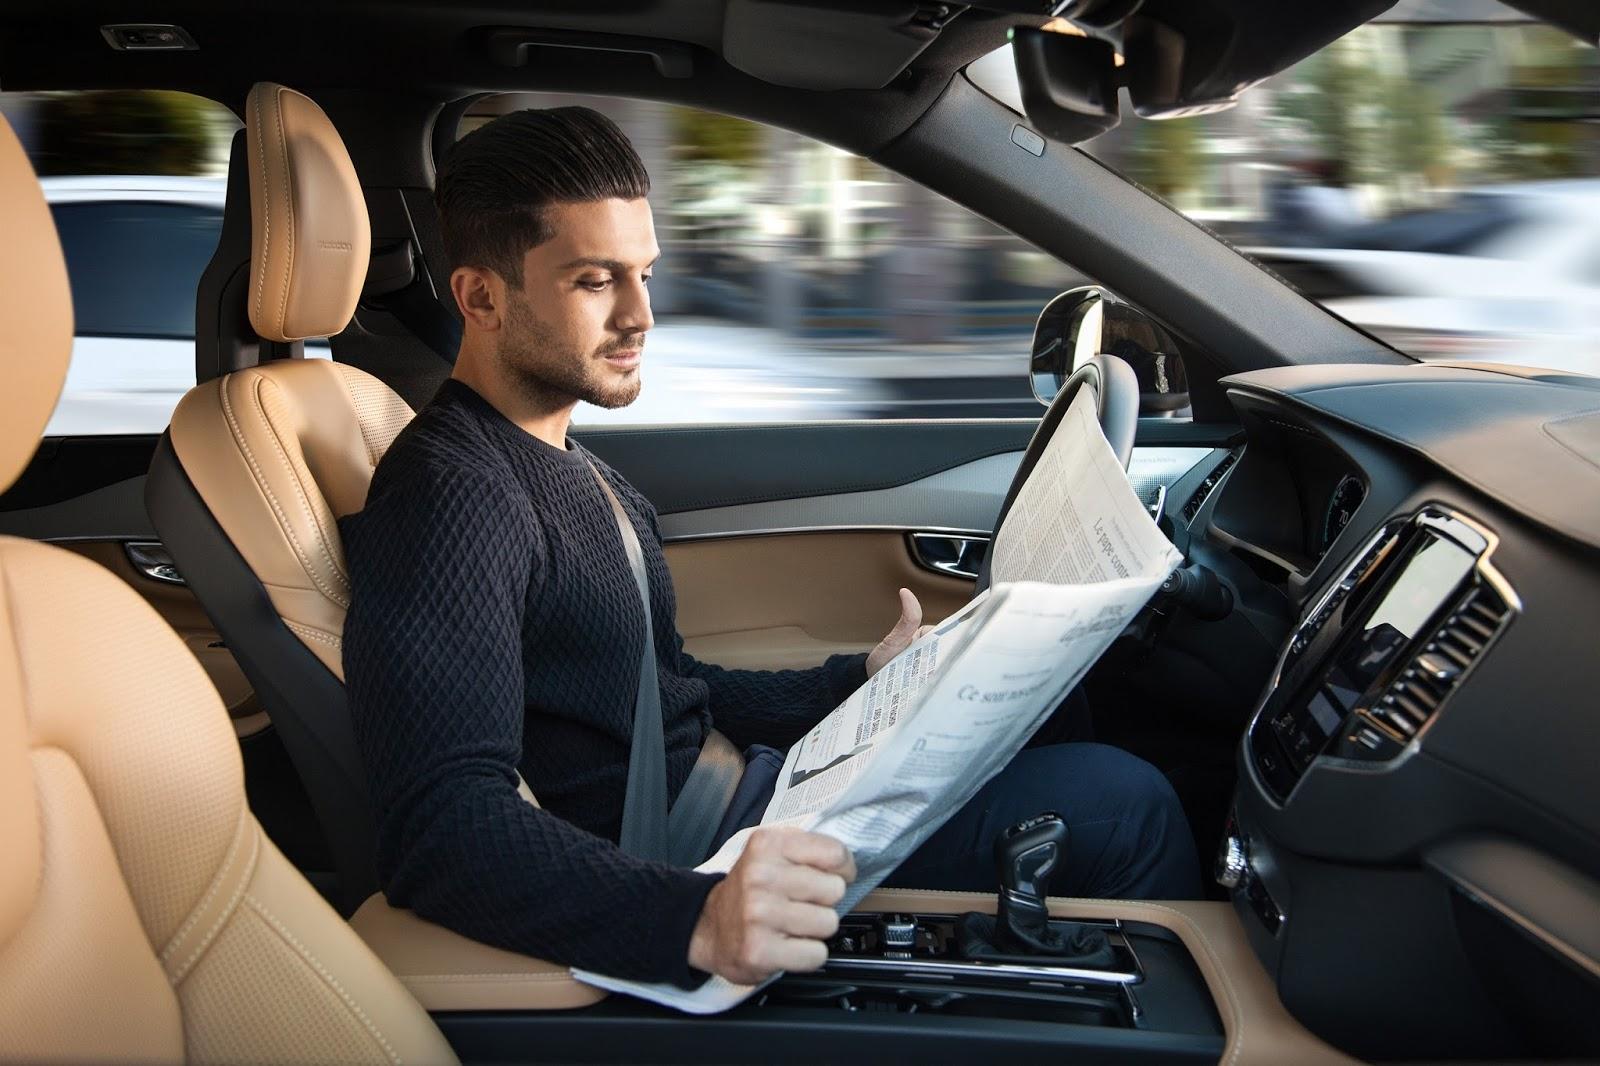 VOLVO AUTO%2BPILOT%2BINTELLISAFE 2 Το 2017 η Volvo θα βγάλει στο δρόμο 100 αυτόνομα αυτοκίνητα